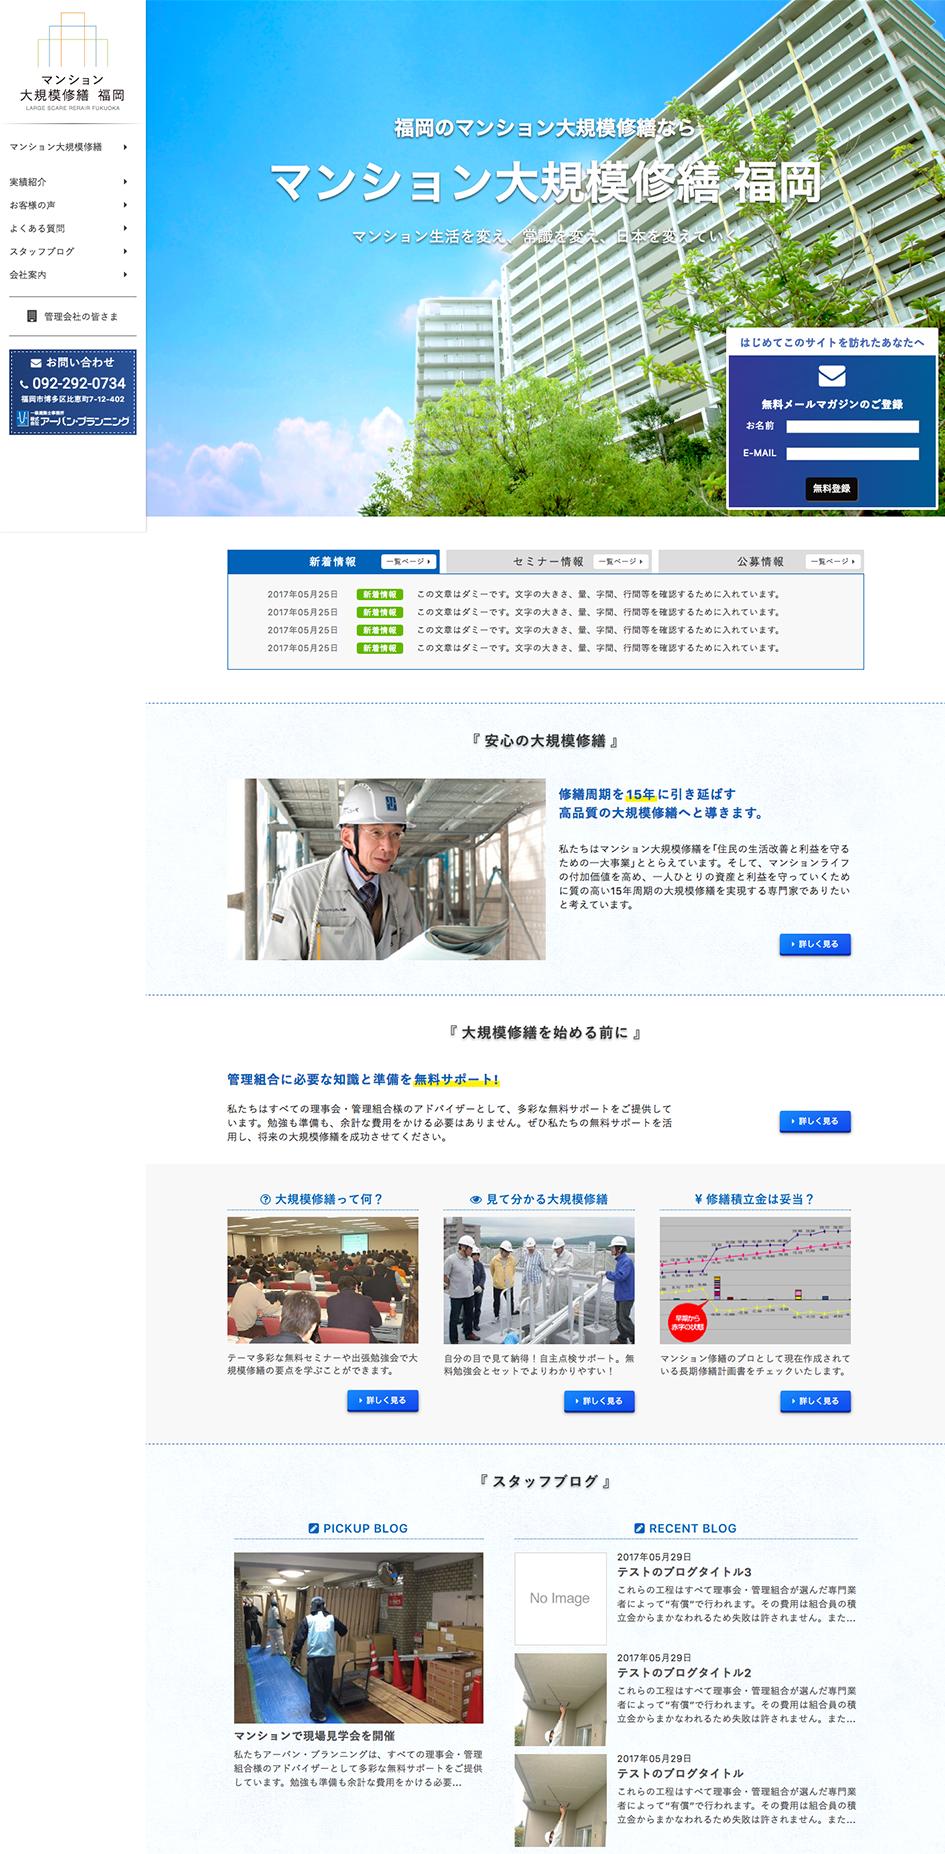 マンション大規模修繕 福岡